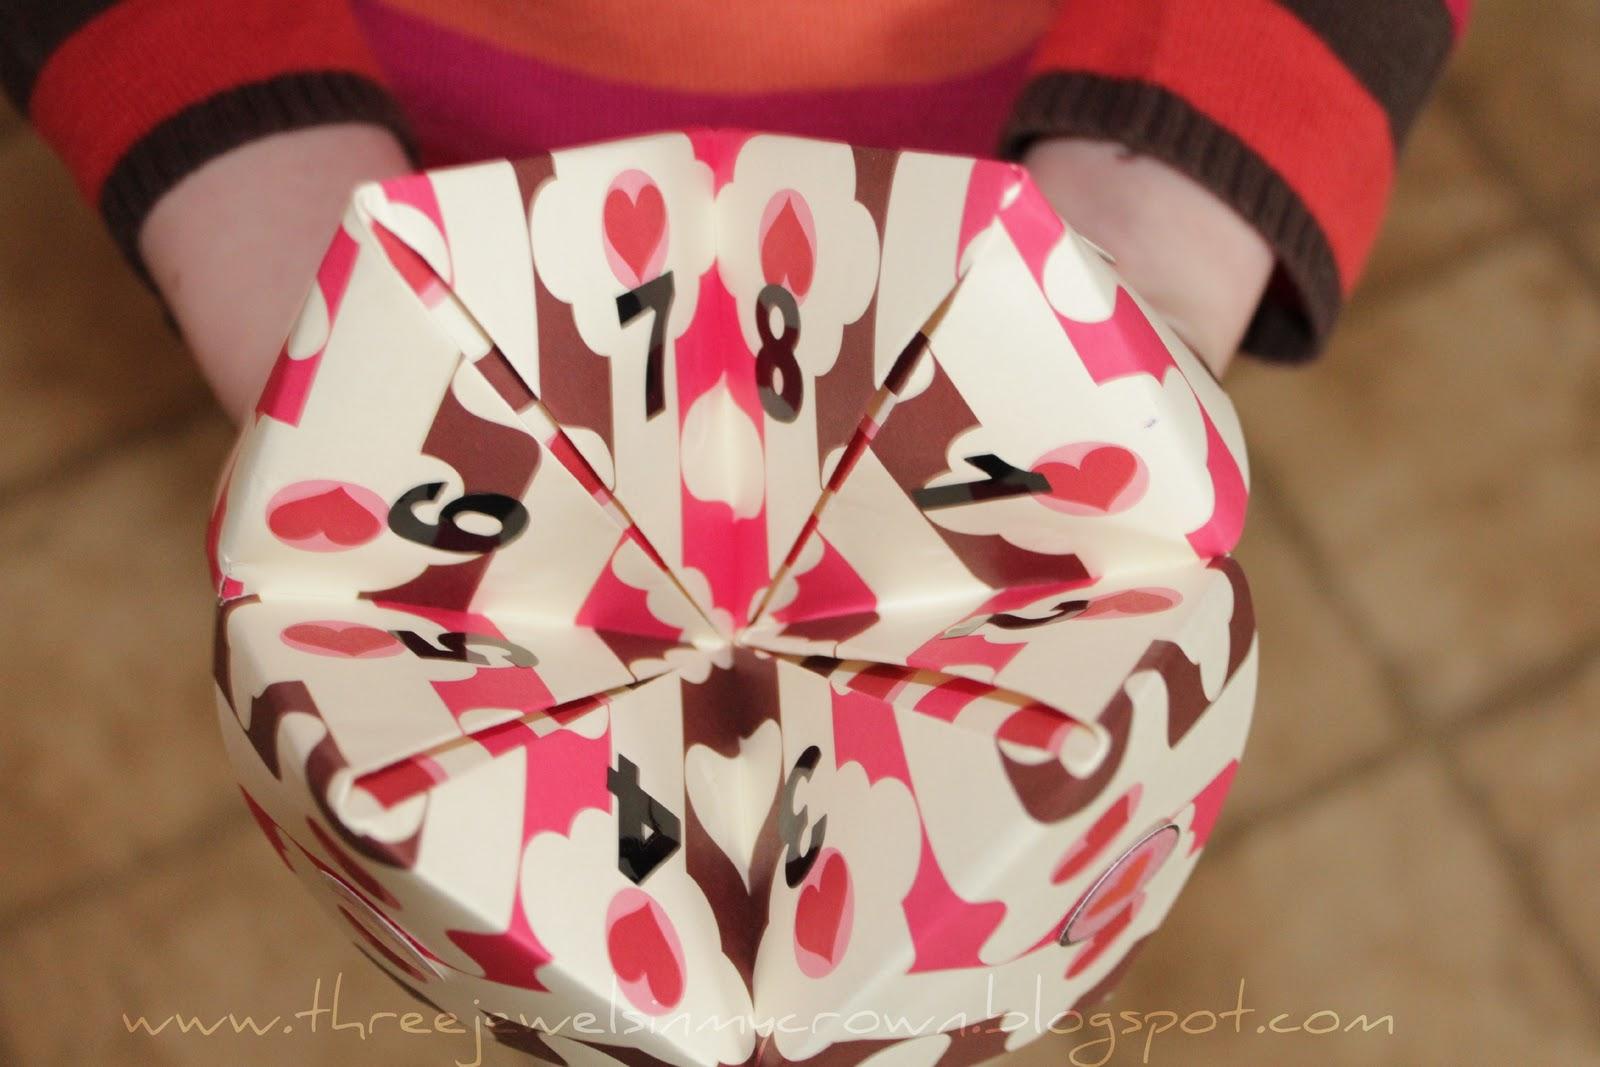 Stiletto Nailart für eine elegante und feminine Ausstrahlung